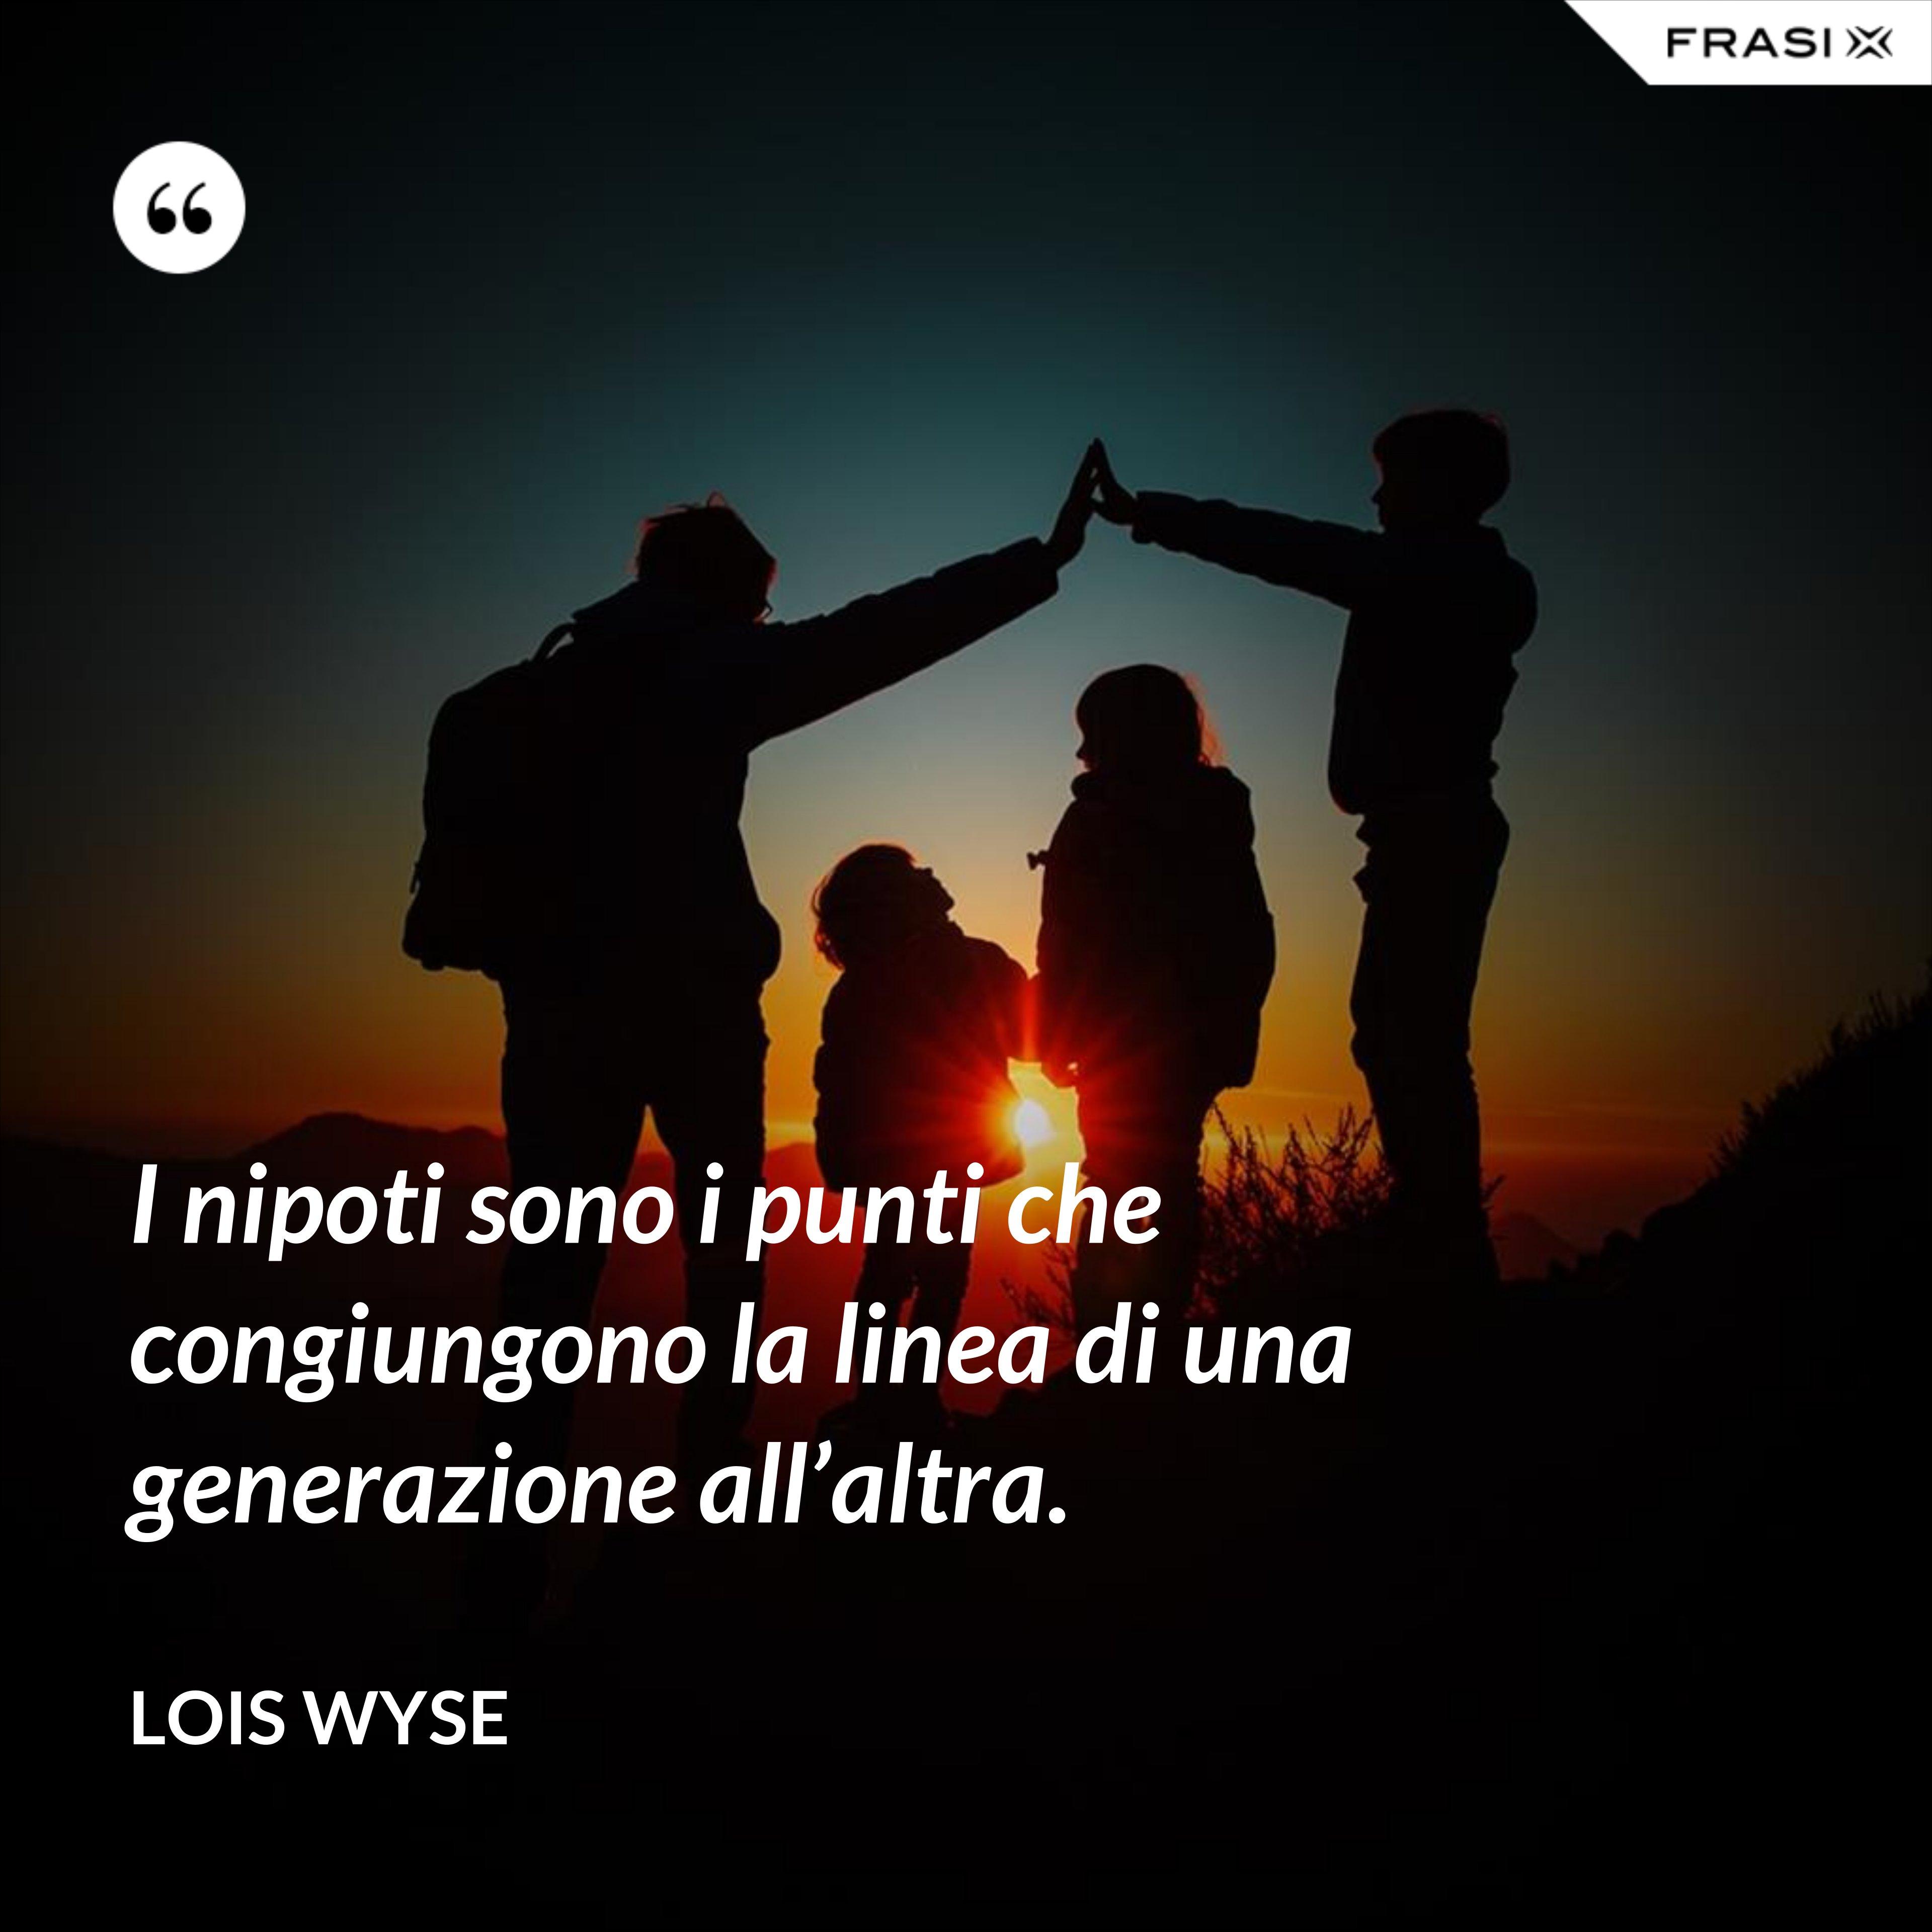 I nipoti sono i punti che congiungono la linea di una generazione all'altra. - Lois Wyse